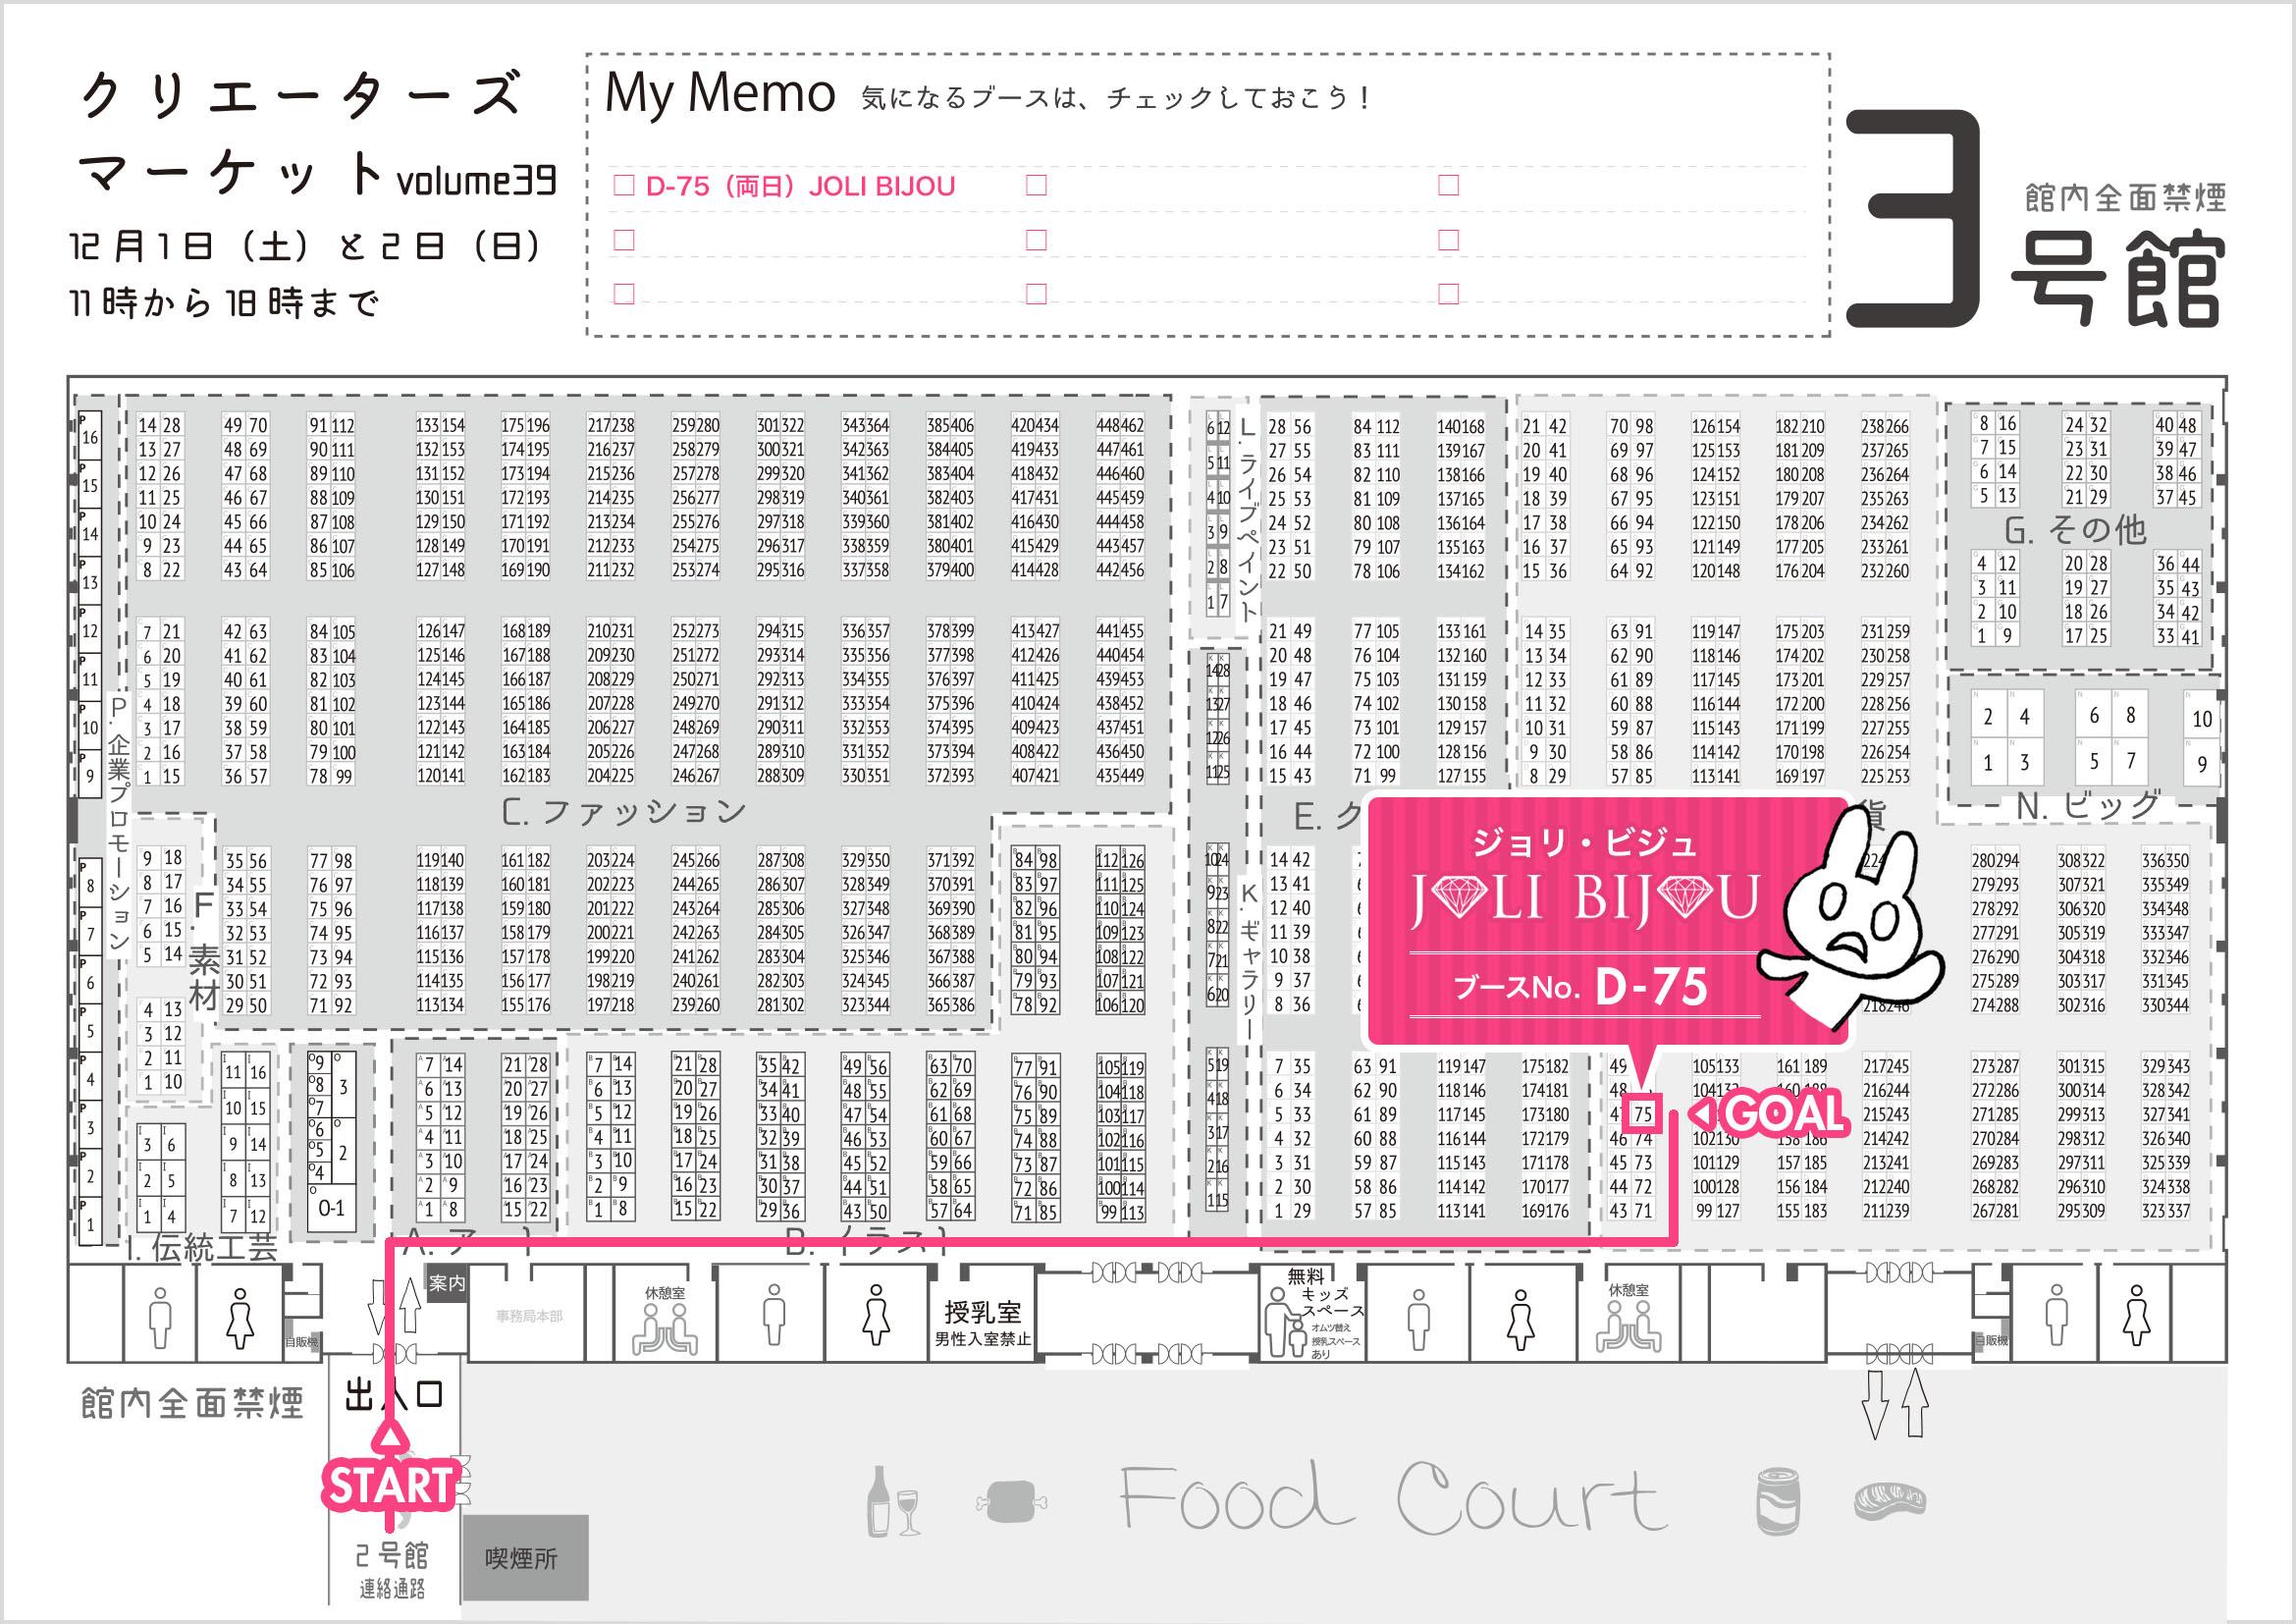 クリマ38 3号館マップ ジョリ・ビジュ